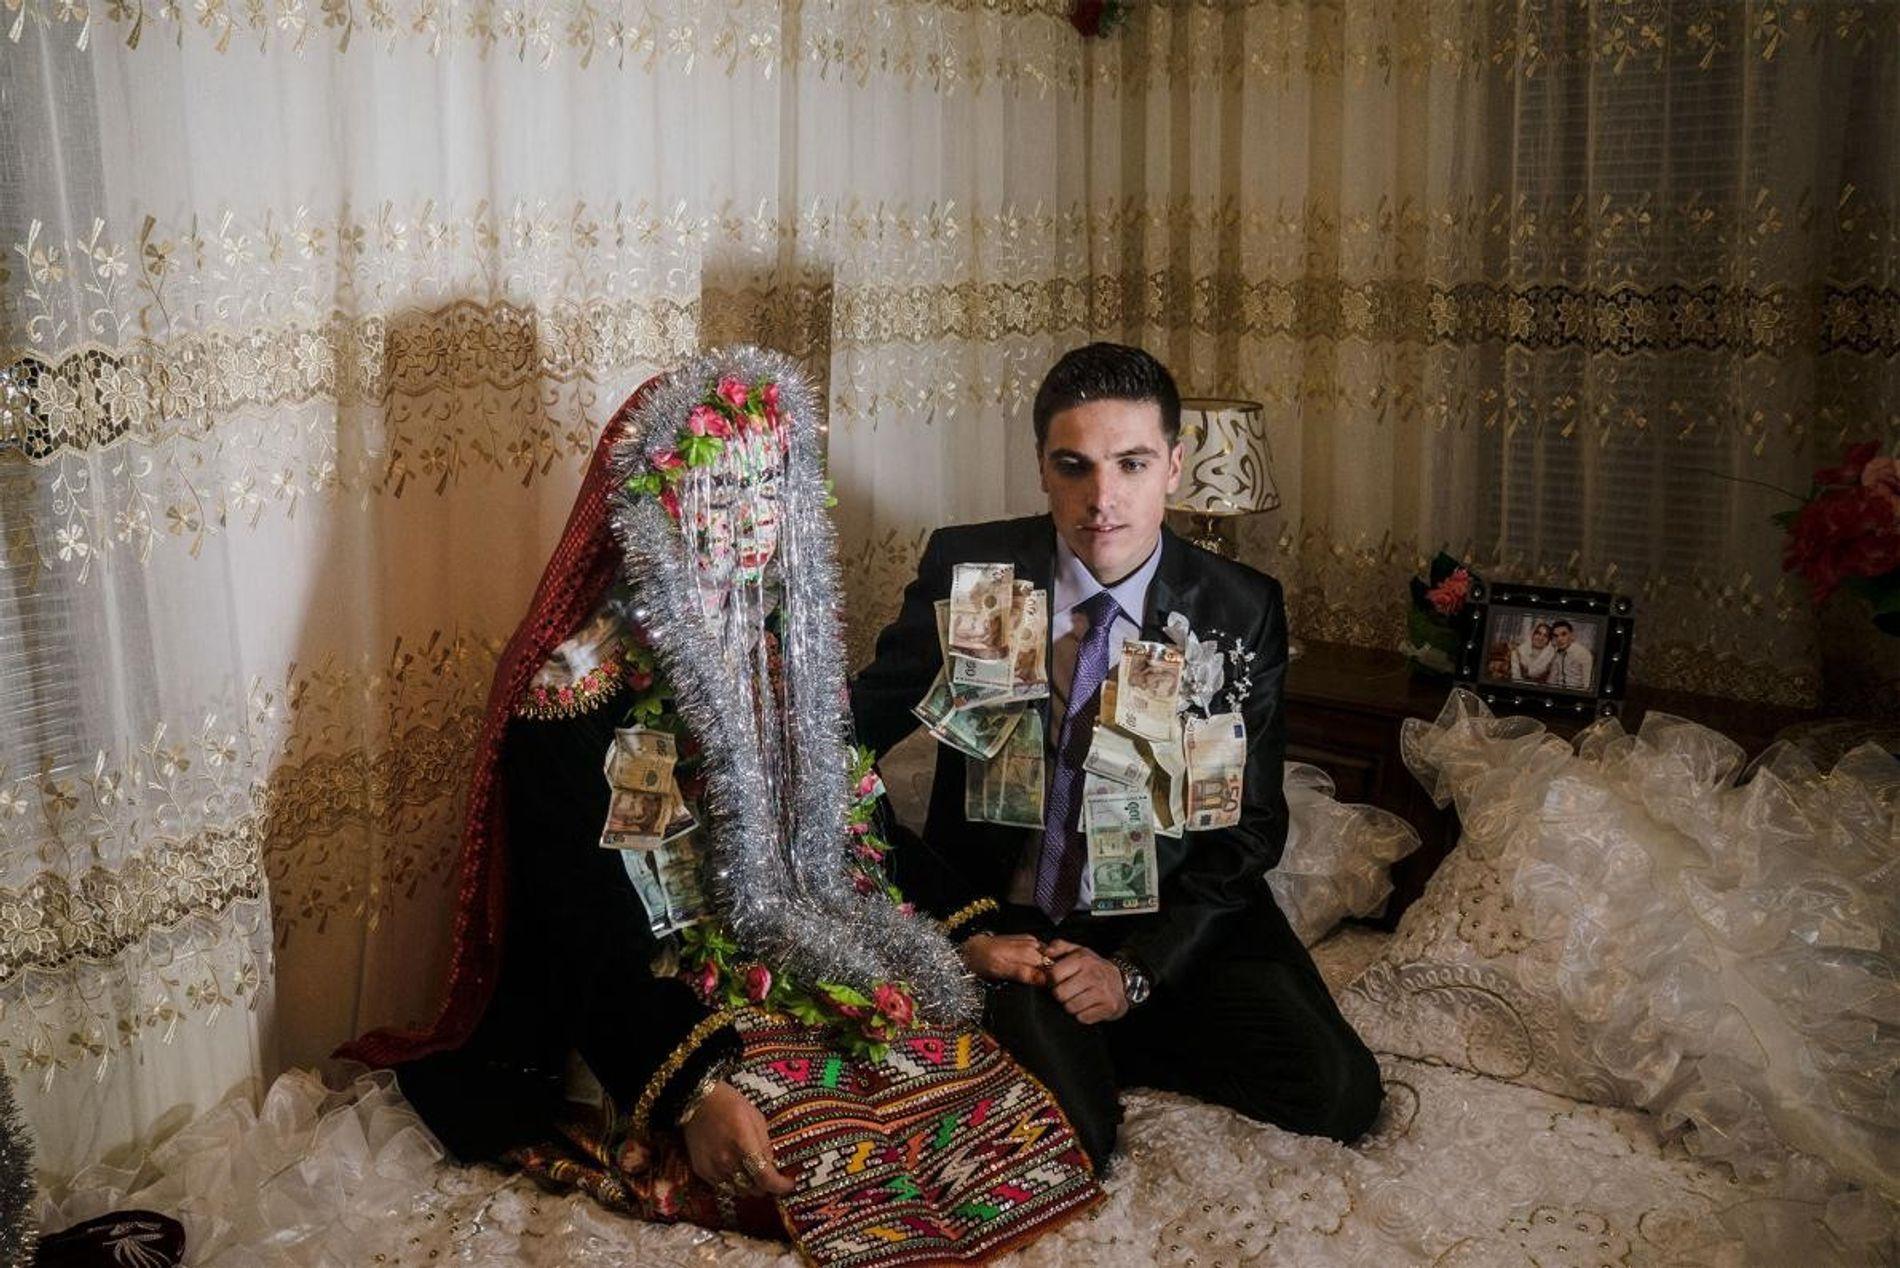 Dans le sud-ouest de la Bulgarie, les Slaves musulmans, alias Pomaks, organisent les cérémonies de mariage traditionnelles en hiver. Sur cette photo, les jeunes mariés Selve Kuivashi (gauche) et Djamal Vurdal posent sur leur lit de noces dans le village de Ribnovo.